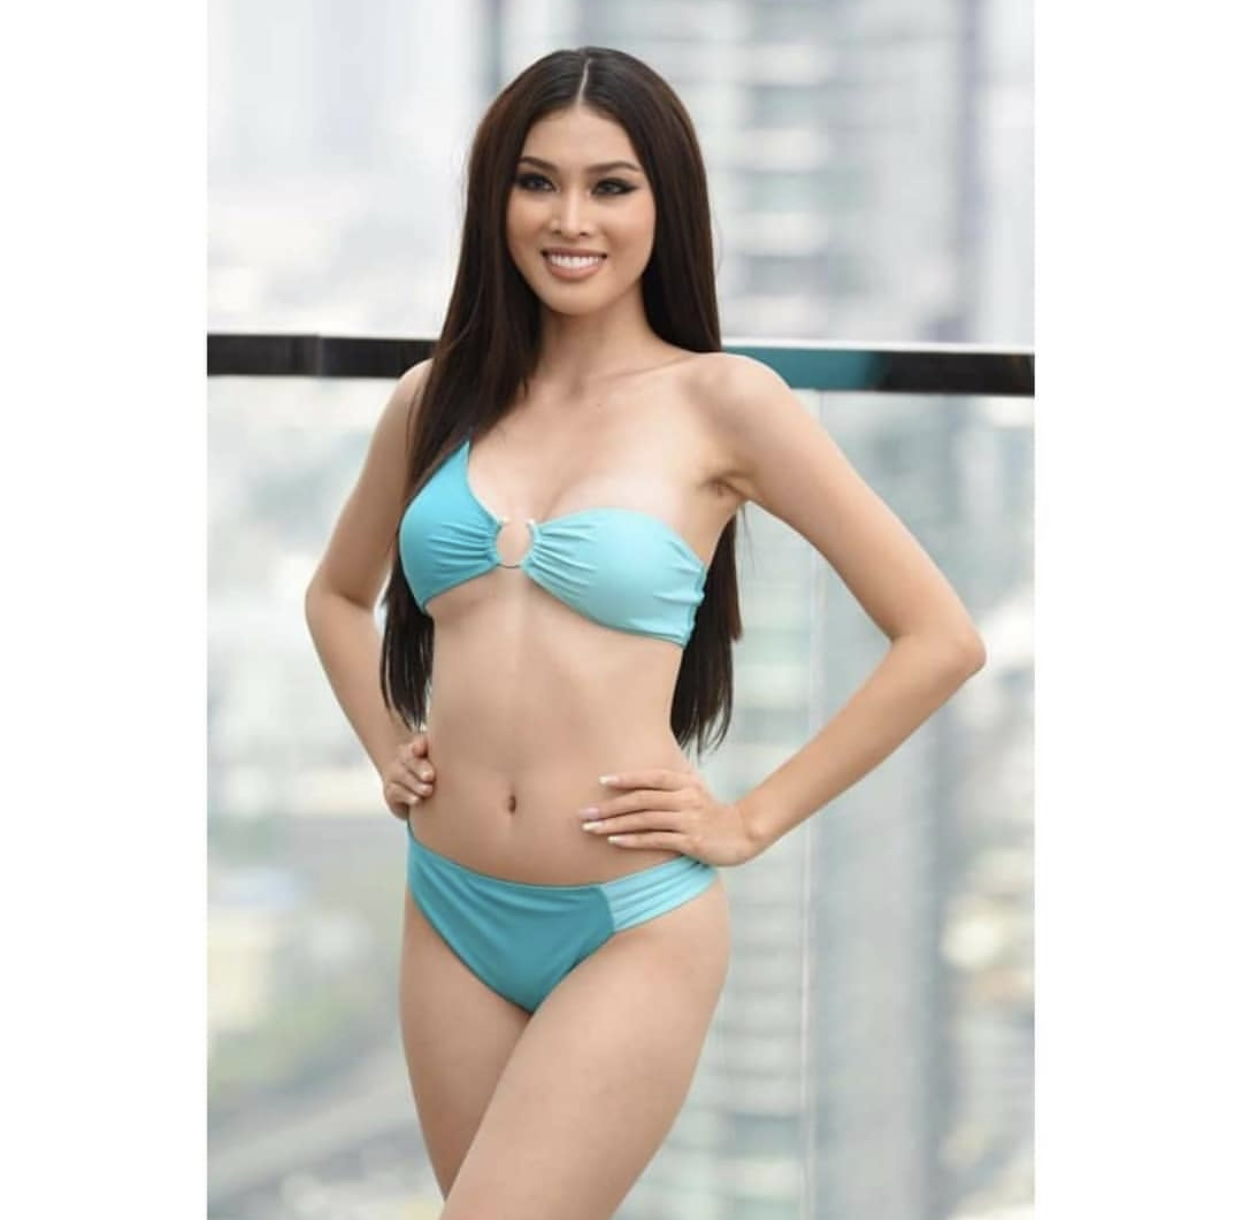 Ngắm body của á hậu Ngọc Thảo trong màn trình diễn áo tắm 'gây bão' ở Miss Grand ảnh 3